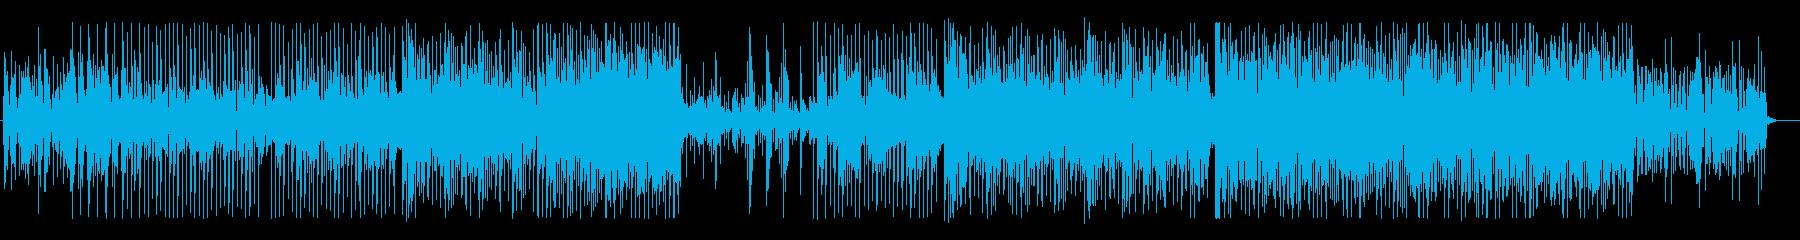 生バイオリンのおしゃれで大人なBGMの再生済みの波形